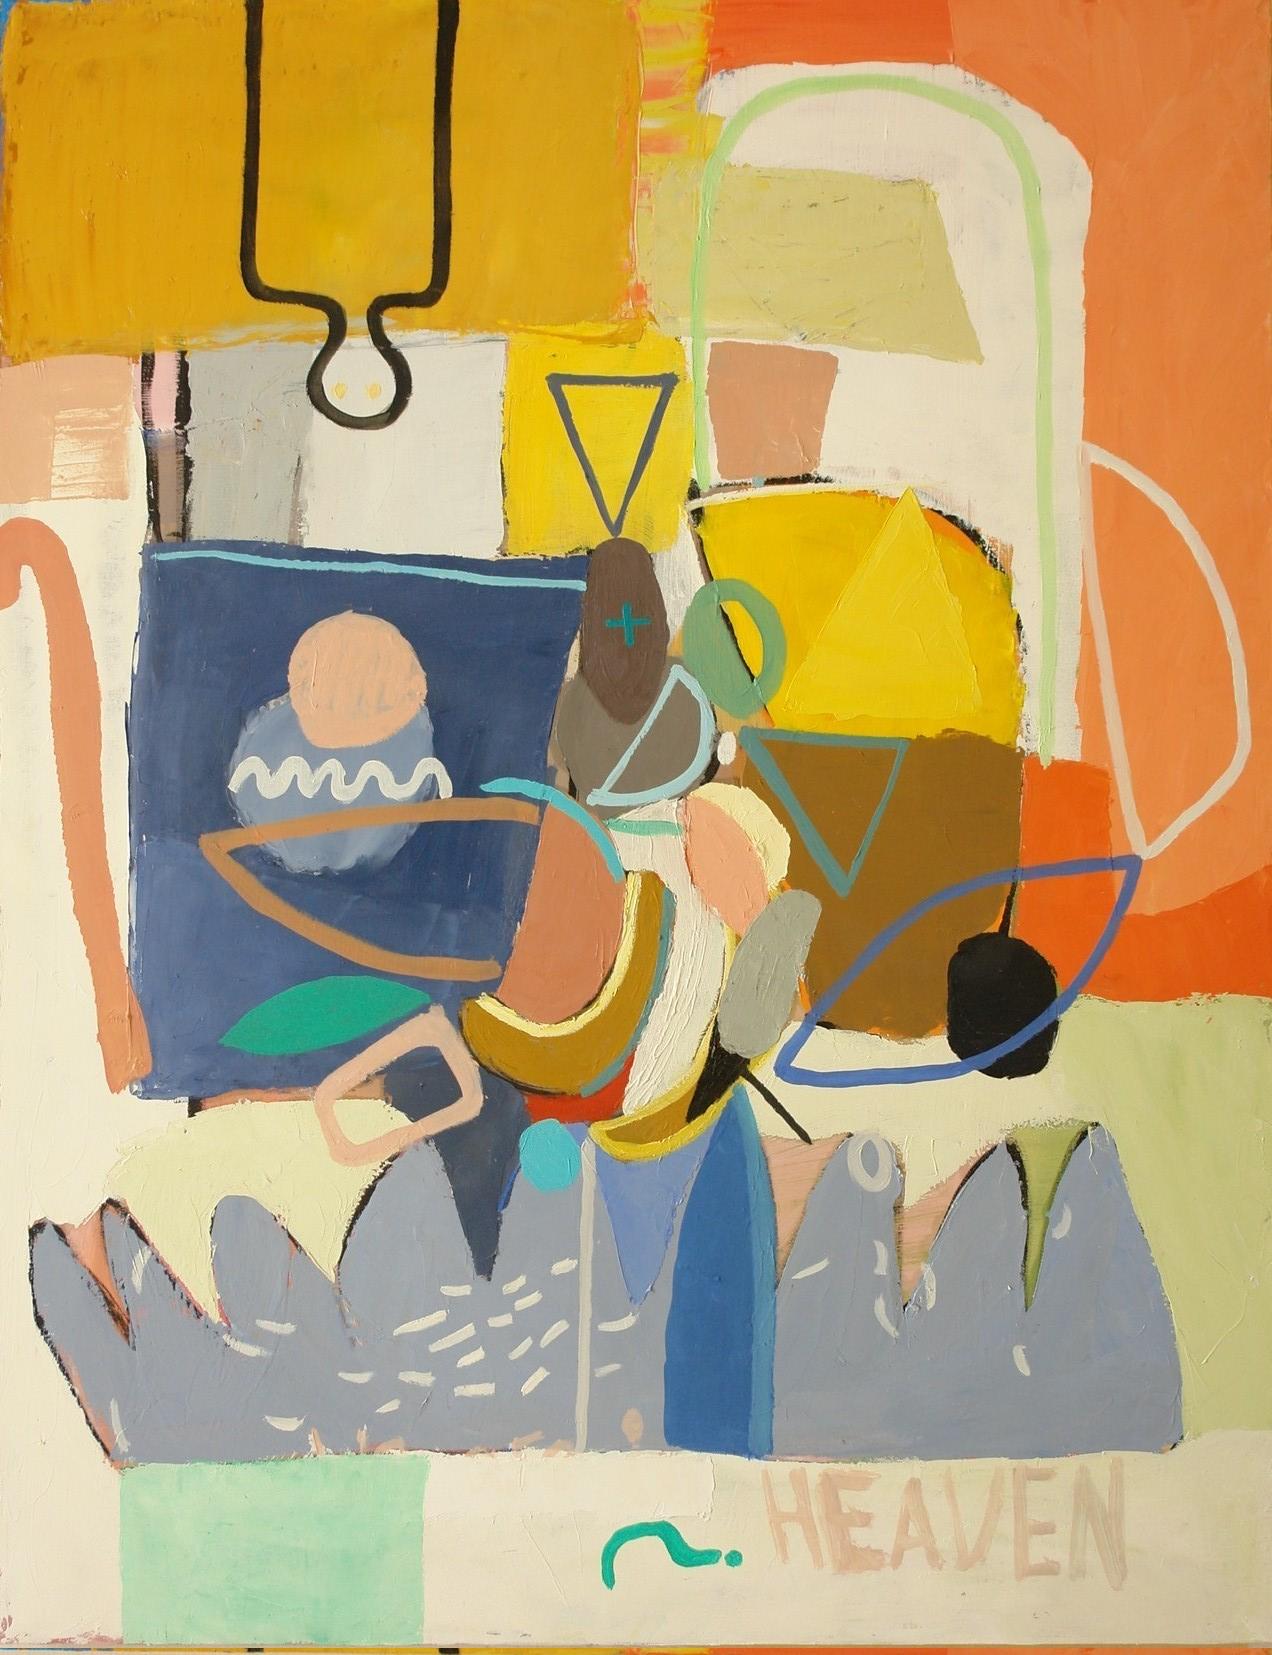 Love in the attic by Persefi Eskes